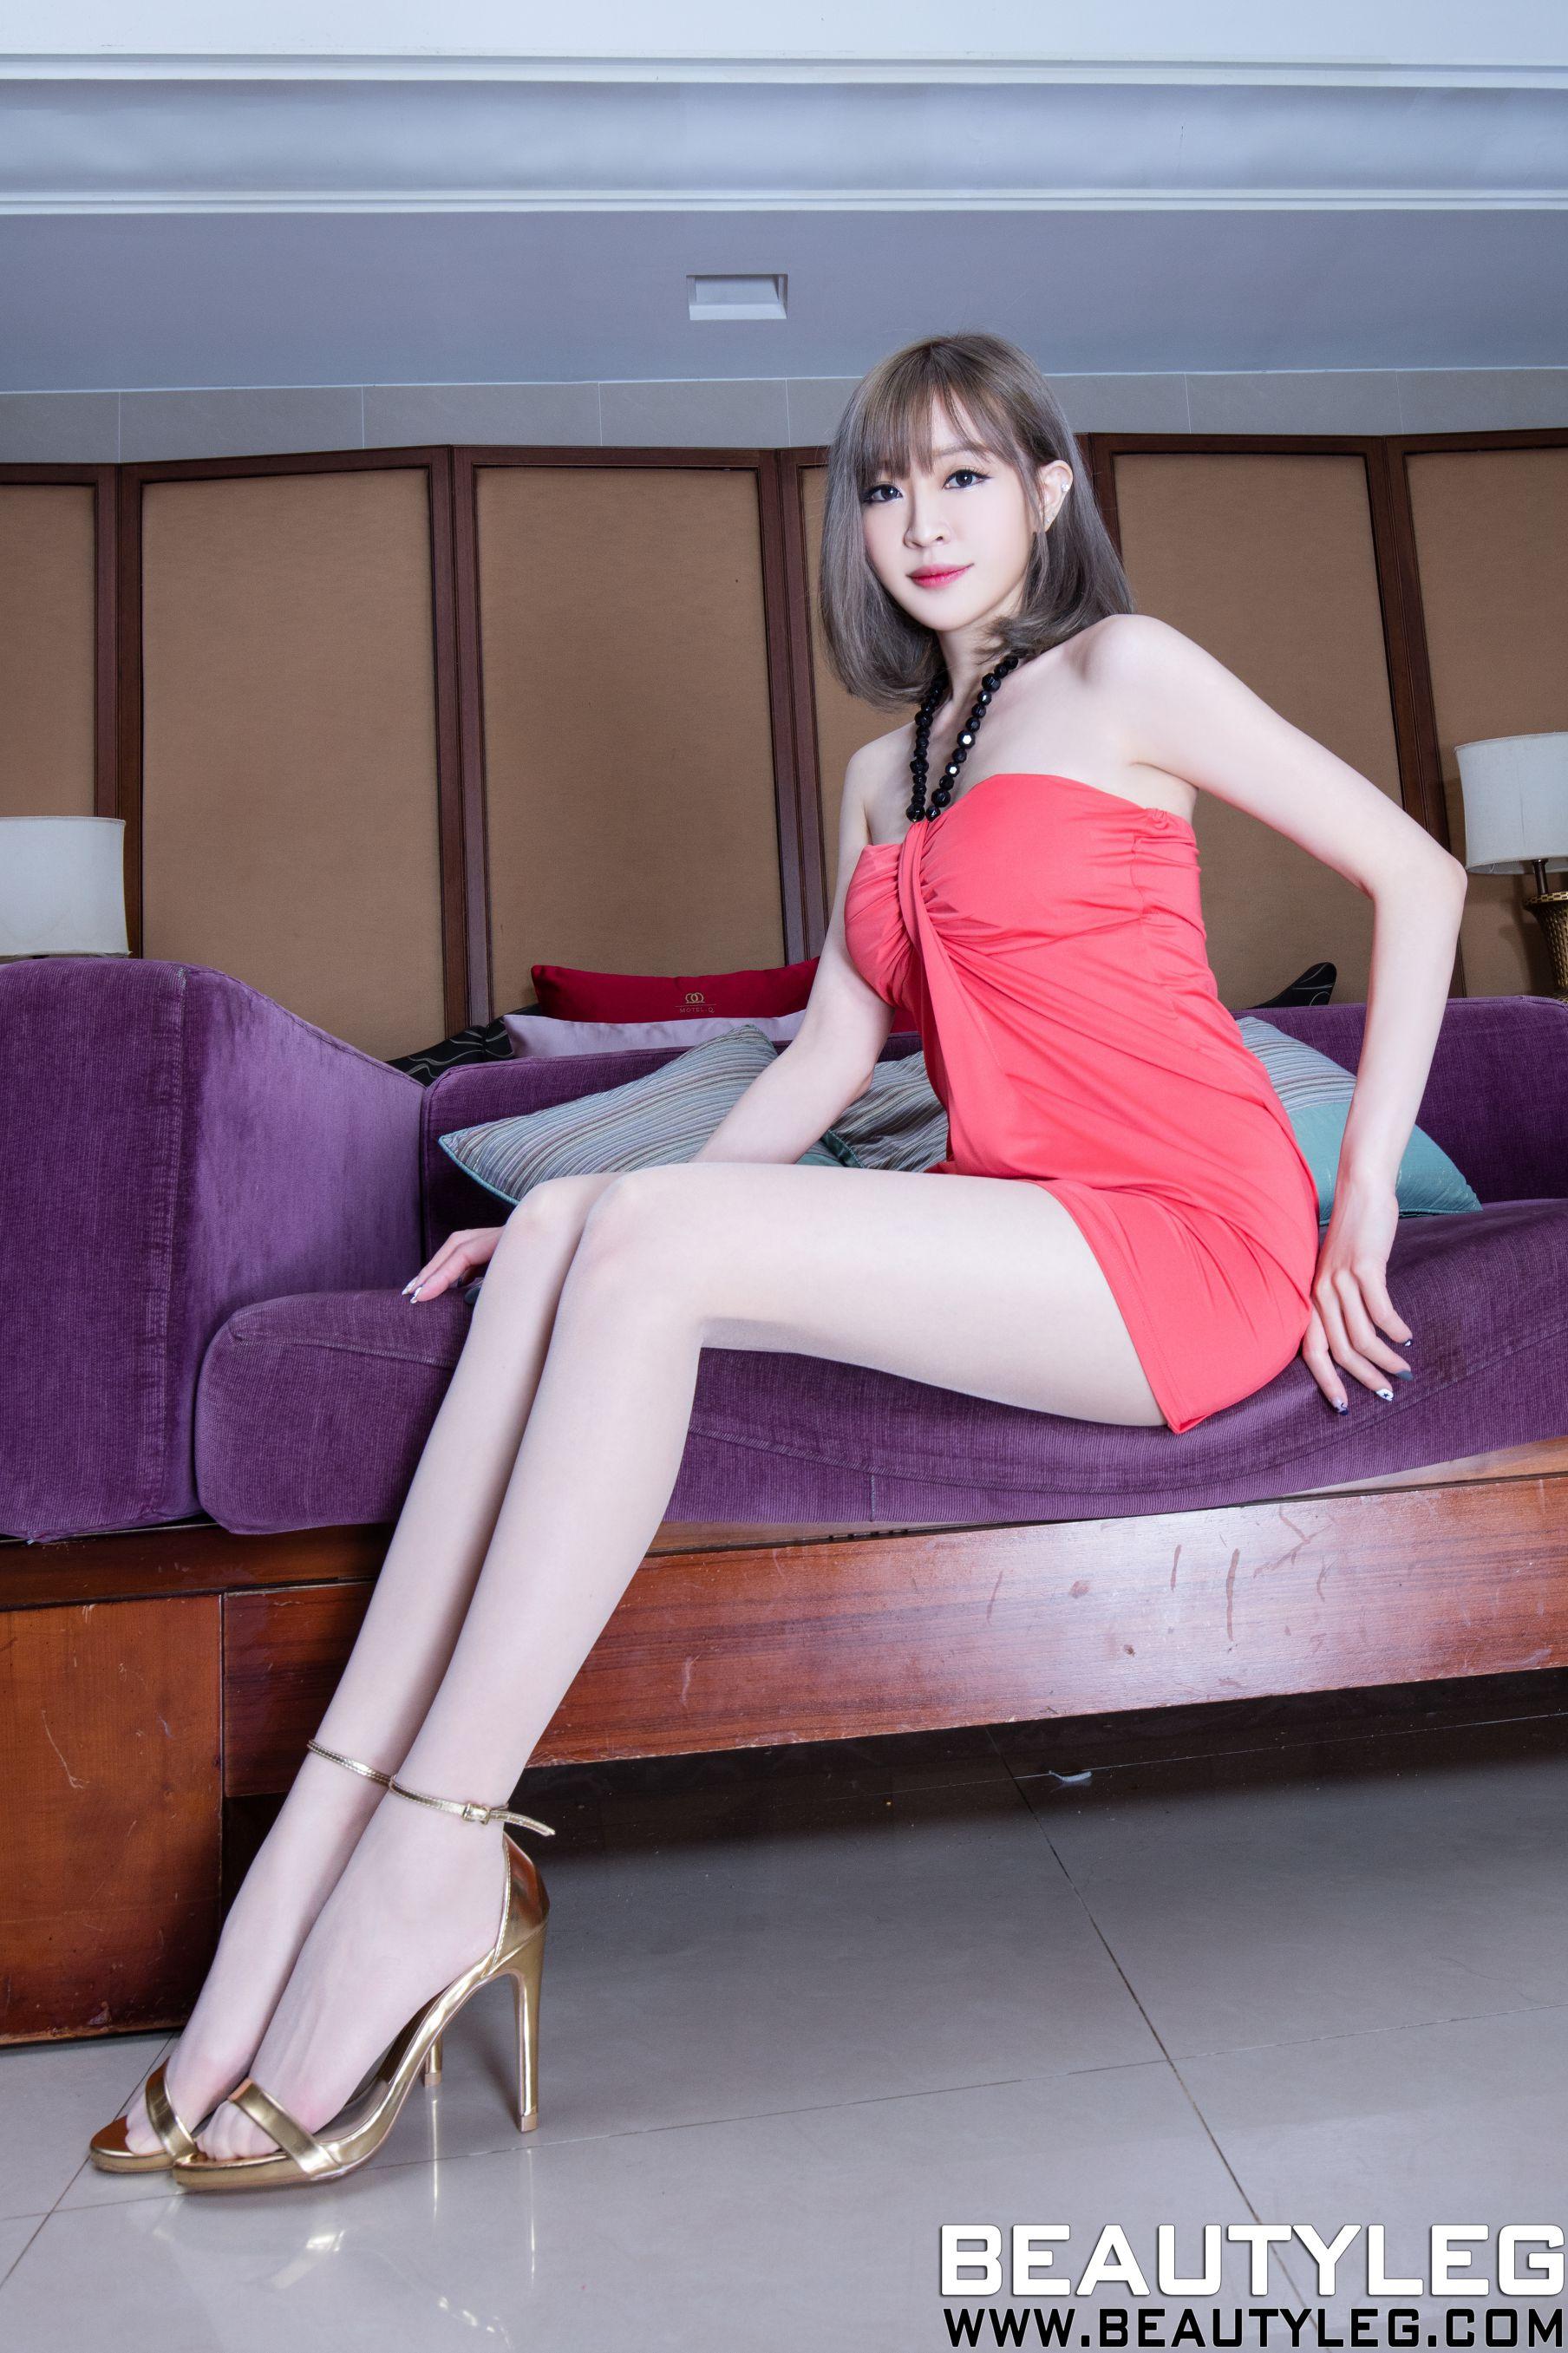 VOL.271 [Beautyleg]丝袜美腿长腿美女:倪千凌(腿模Lucy,陈佳筠)高品质写真套图(64P)